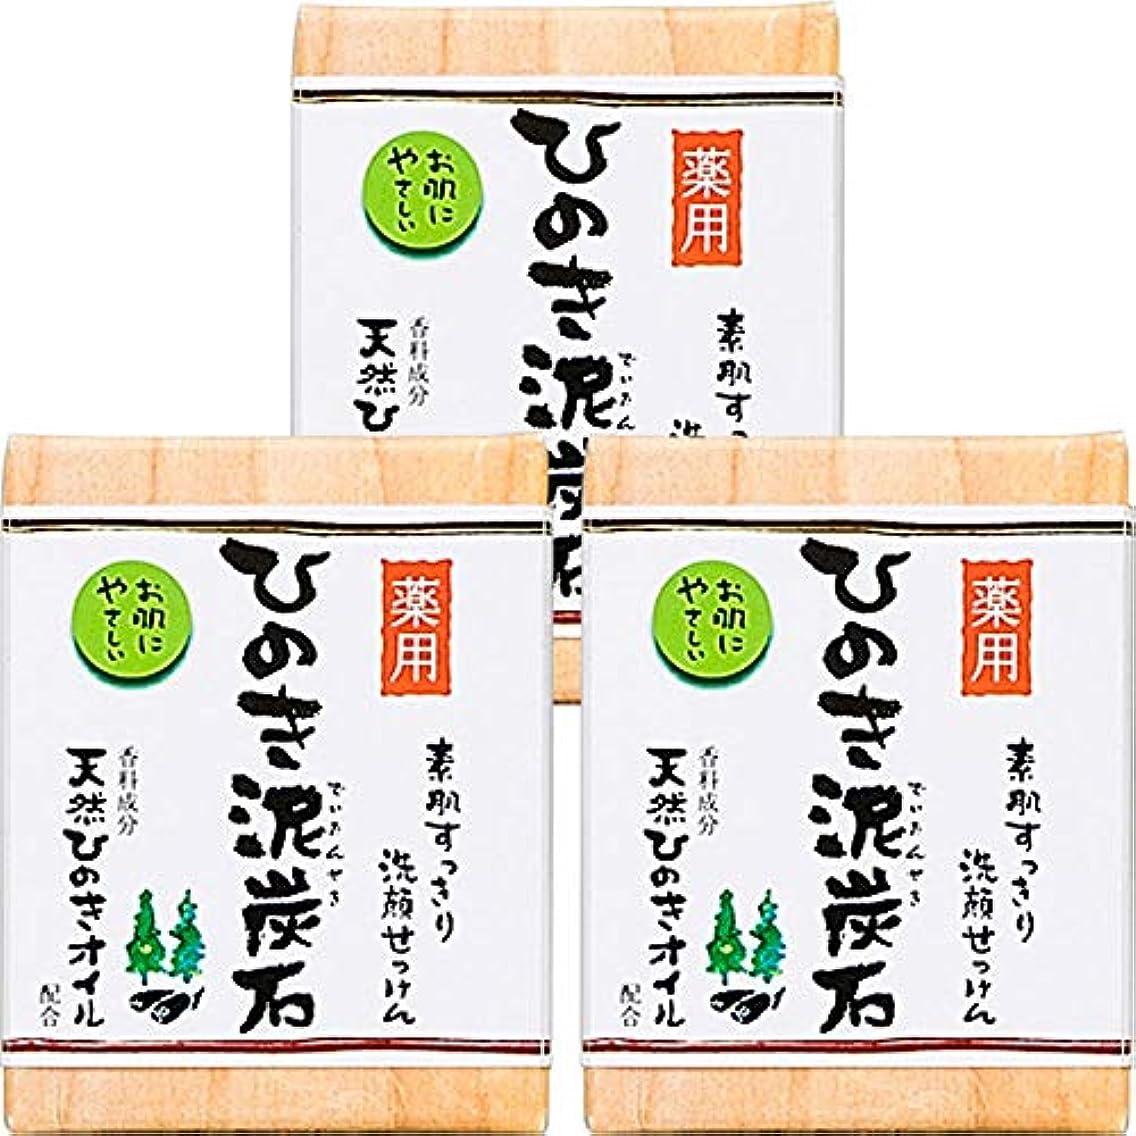 パーティション直感考えた薬用 ひのき泥炭石 (75g×3個) 洗顔 石けん [天然ひのきオイル配合] 肌荒れ防止